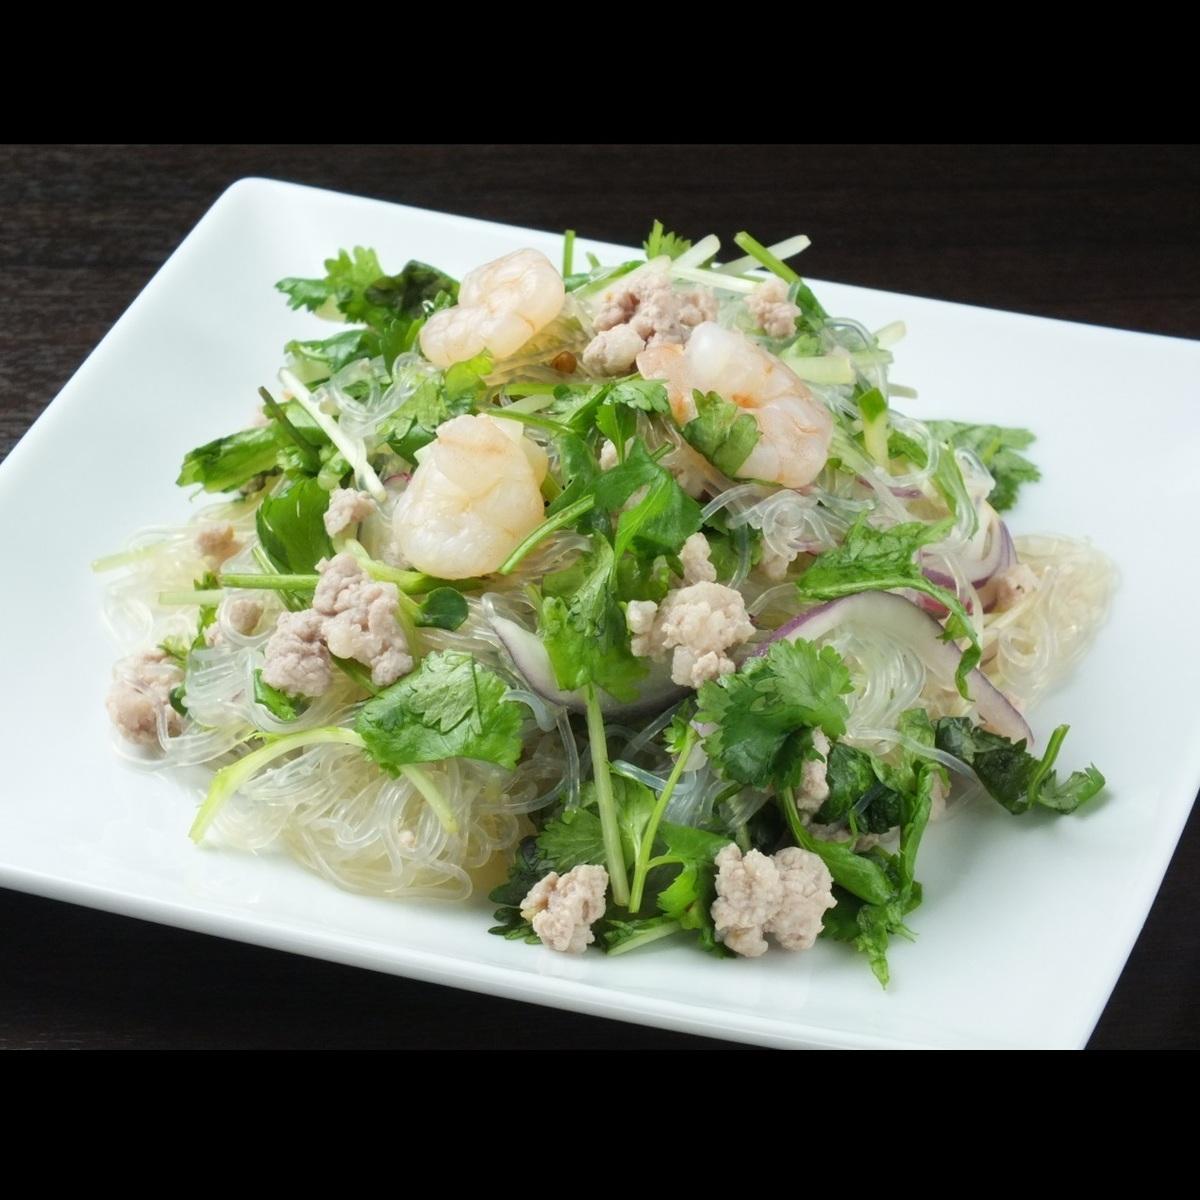 Yam Thu Seng泰式风味粉丝沙拉